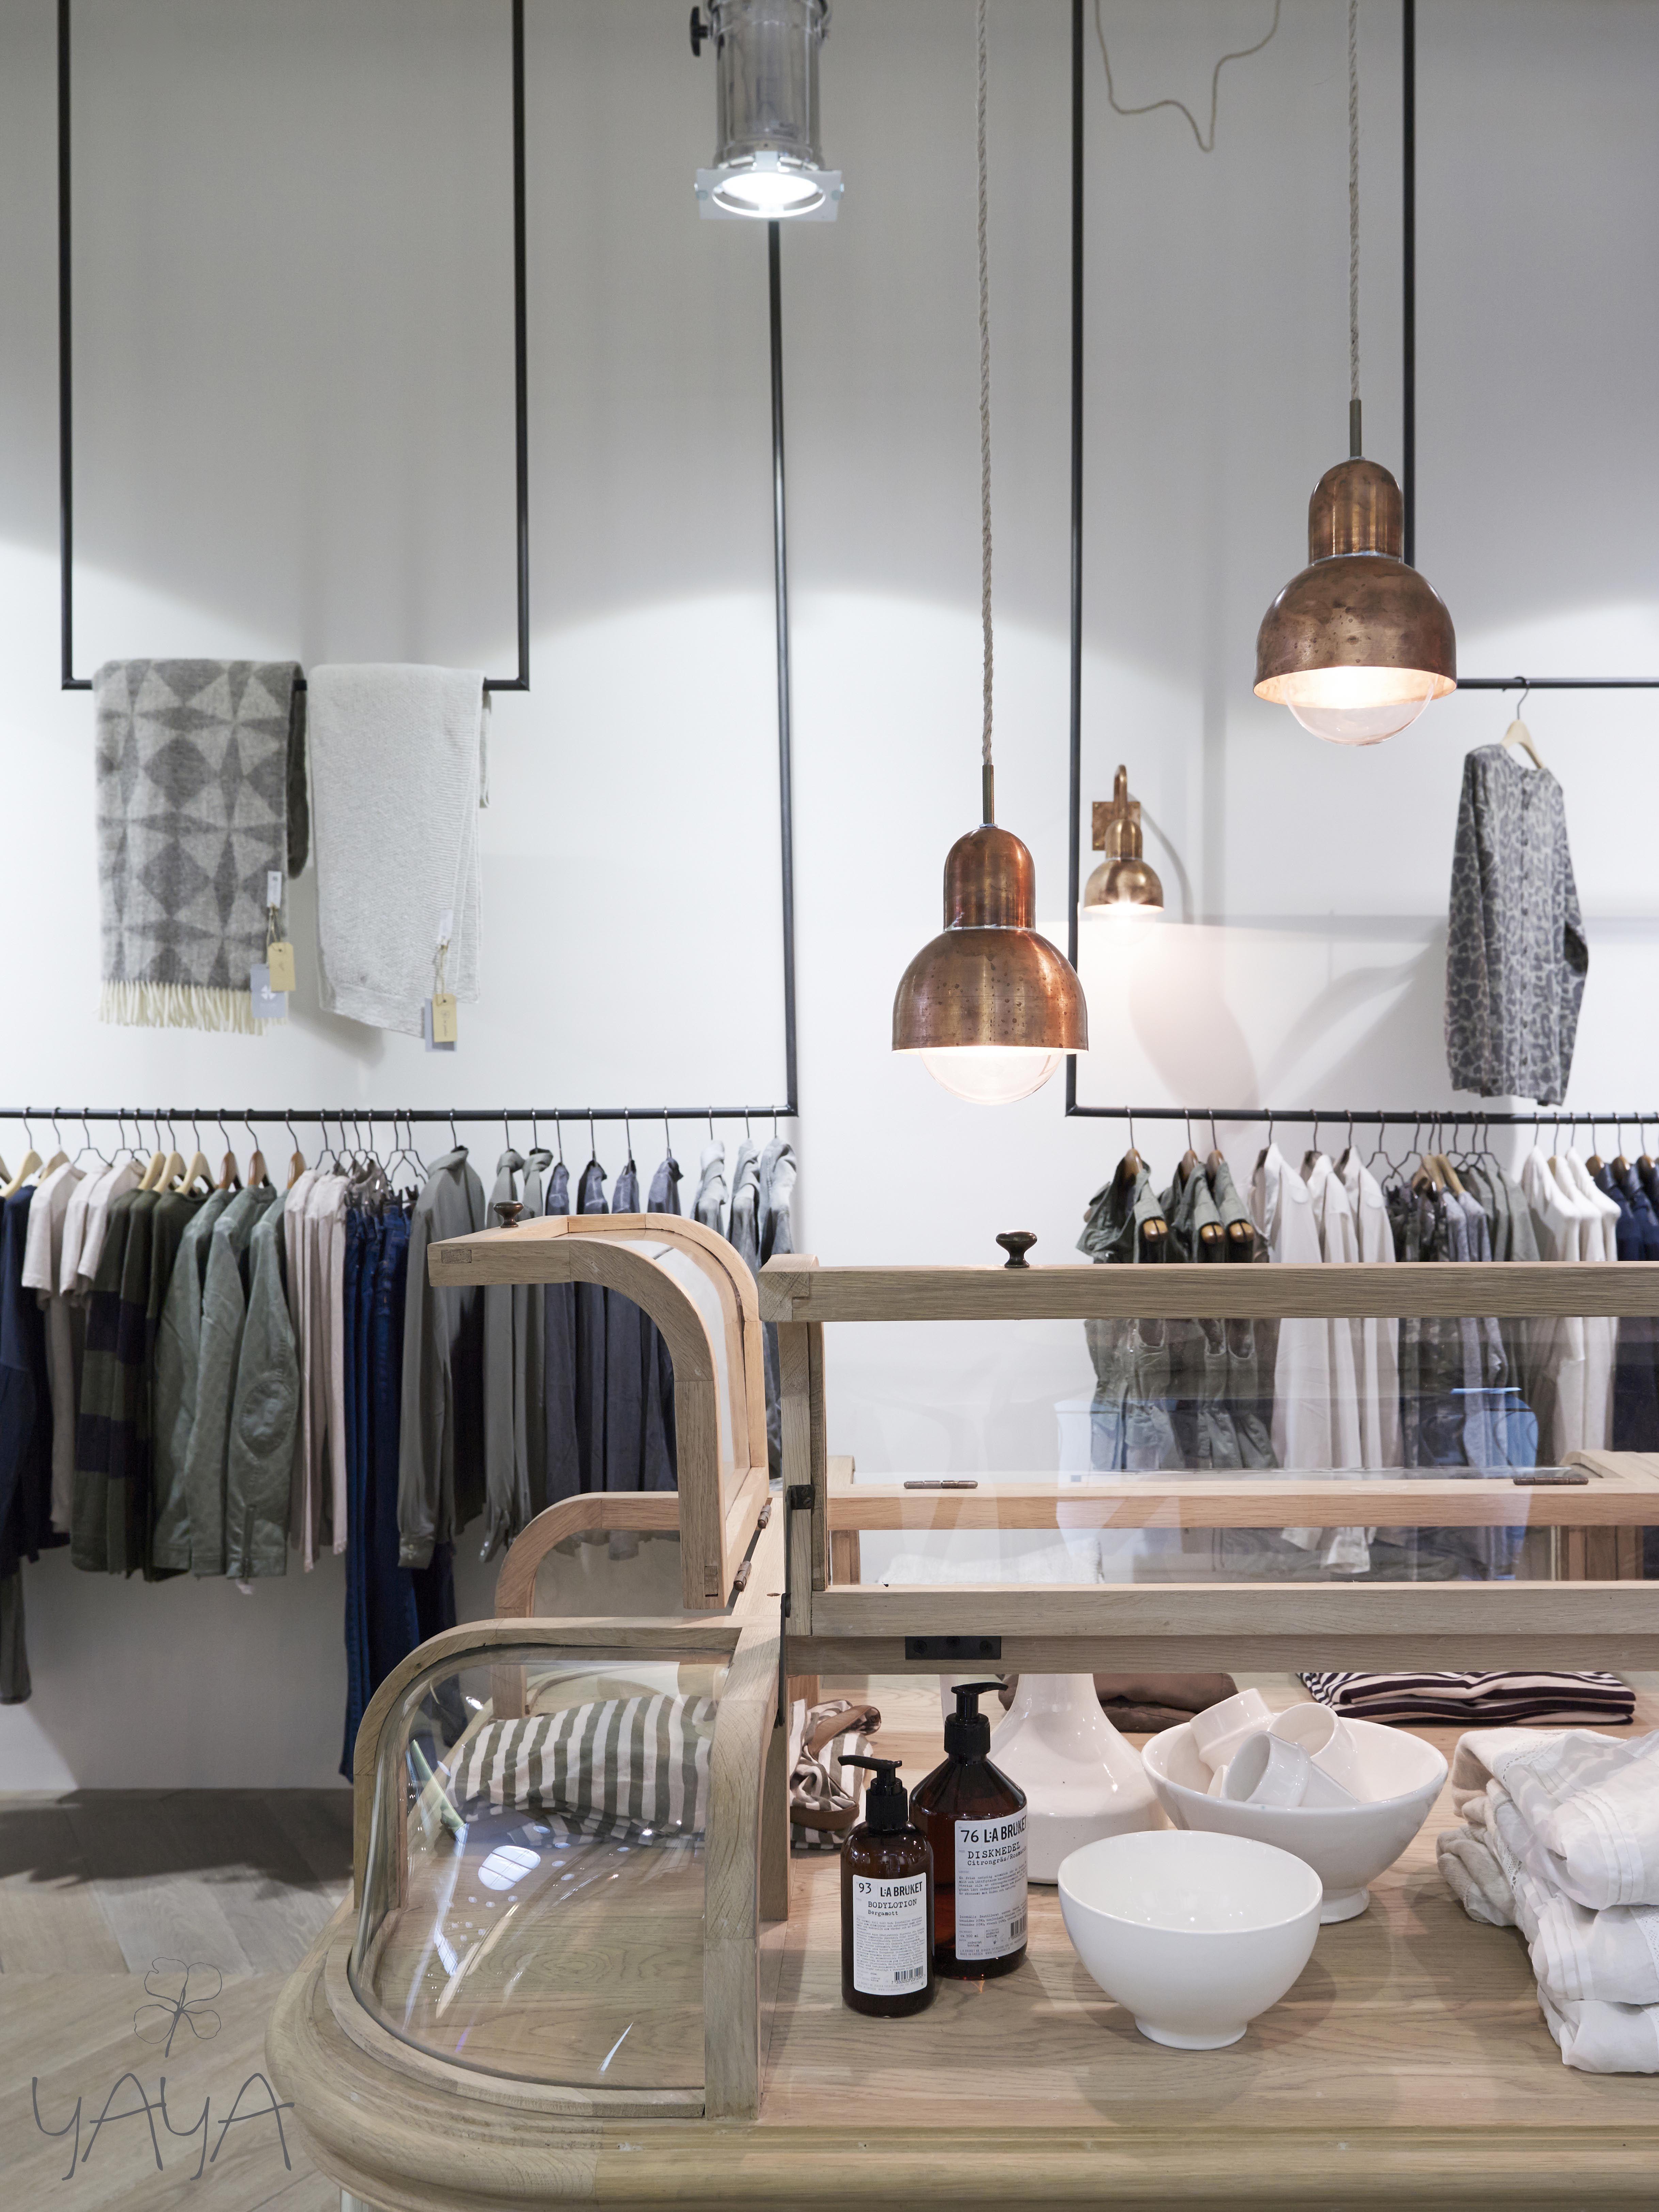 yaya concept store amstelveen winkel ontwerp winkels concept winkels winkel interieur toonzaal